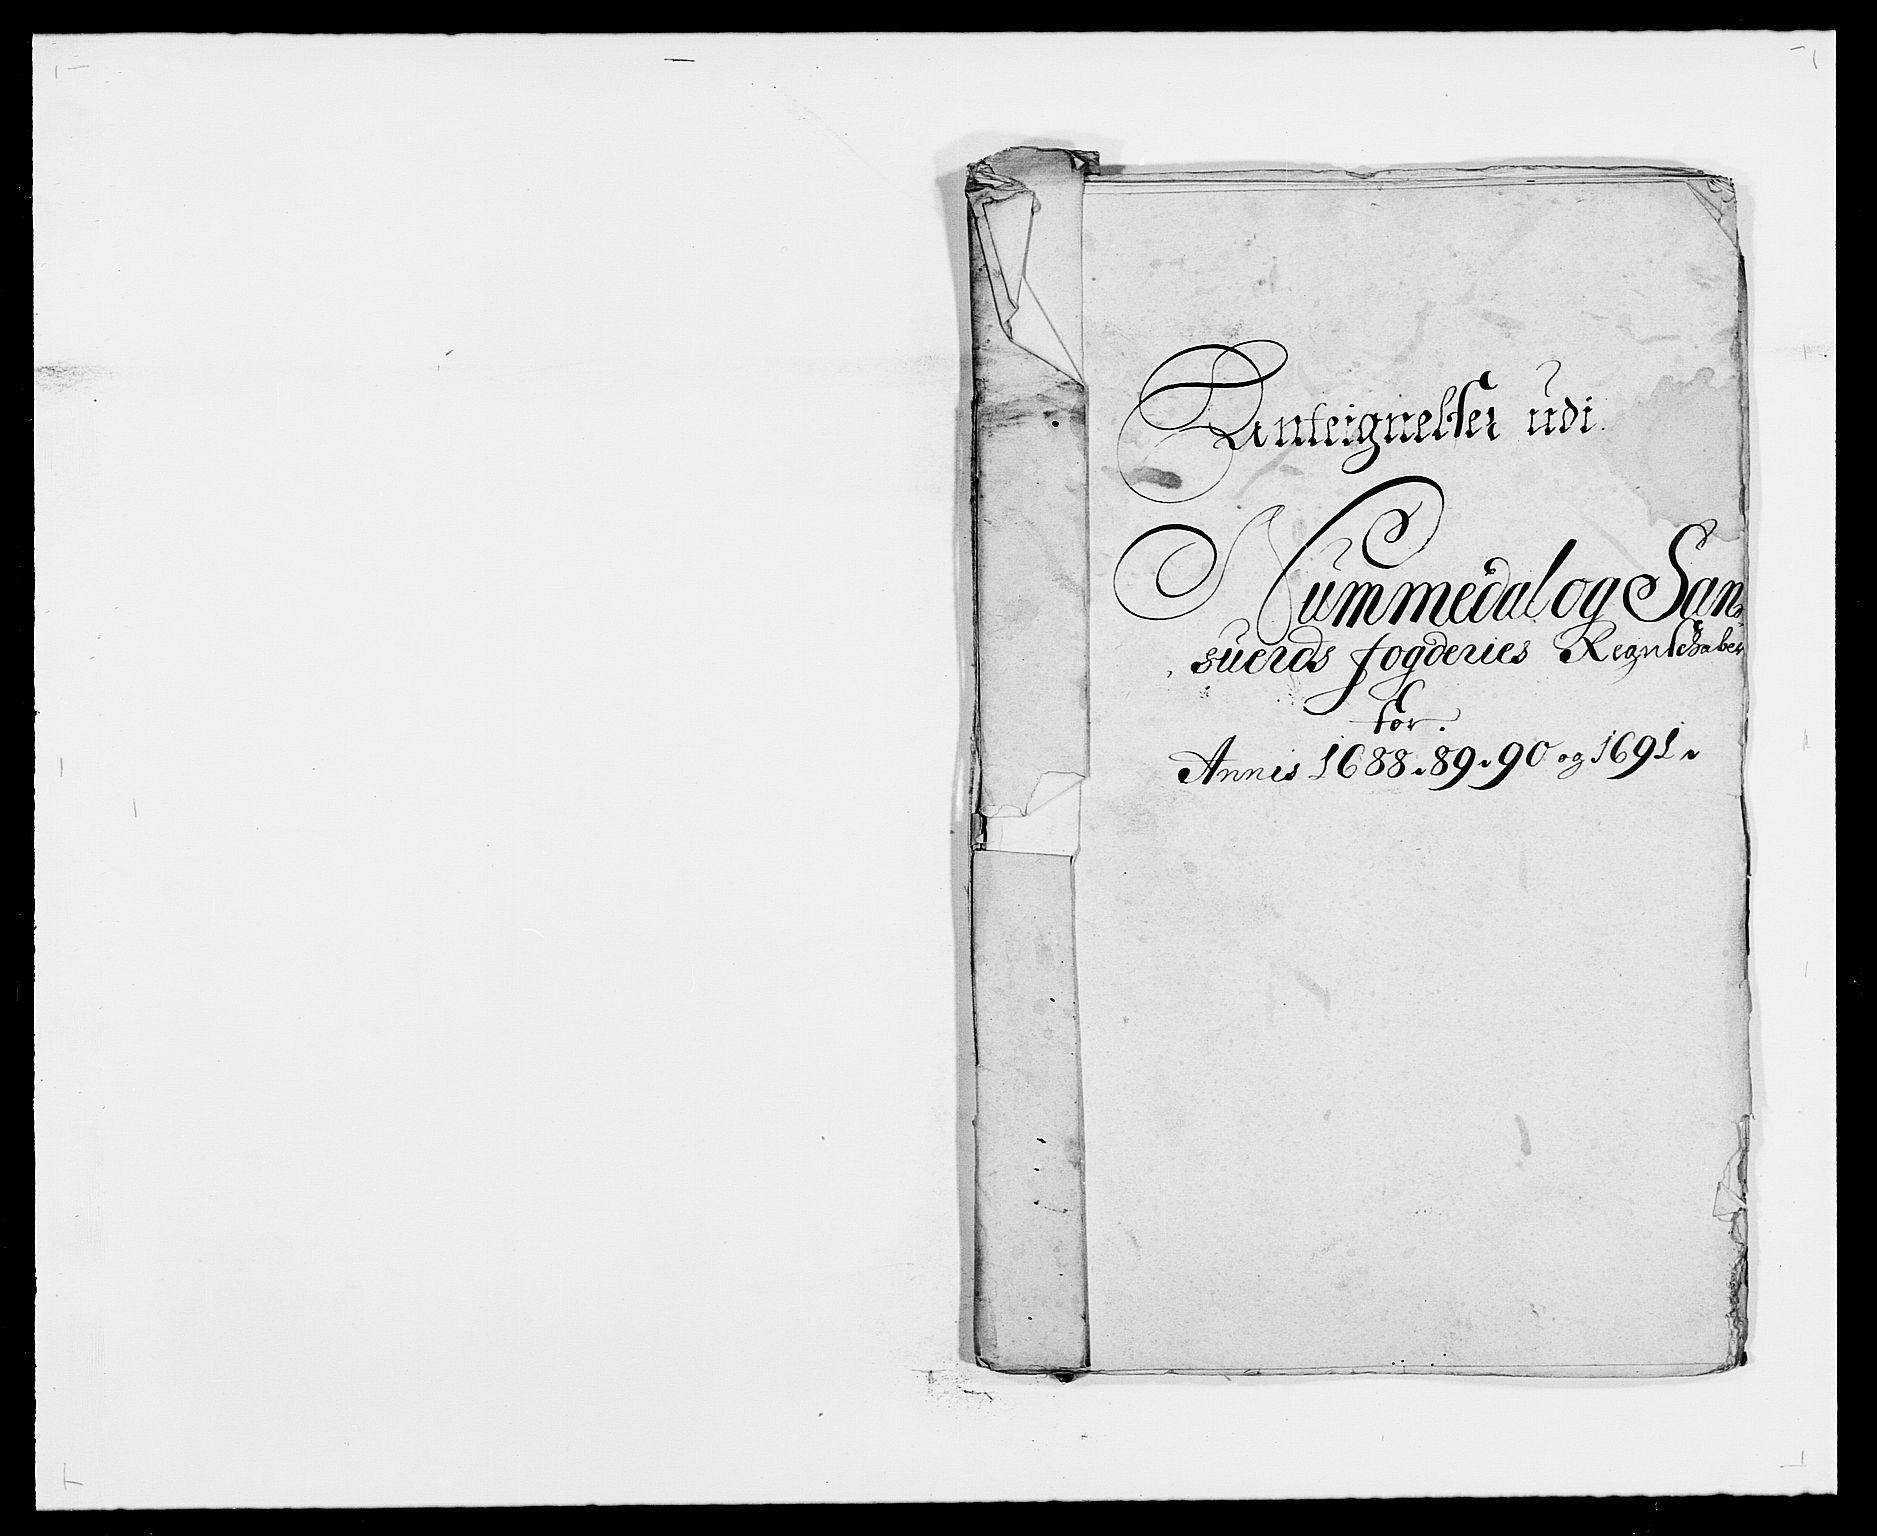 RA, Rentekammeret inntil 1814, Reviderte regnskaper, Fogderegnskap, R24/L1574: Fogderegnskap Numedal og Sandsvær, 1688-1691, s. 159